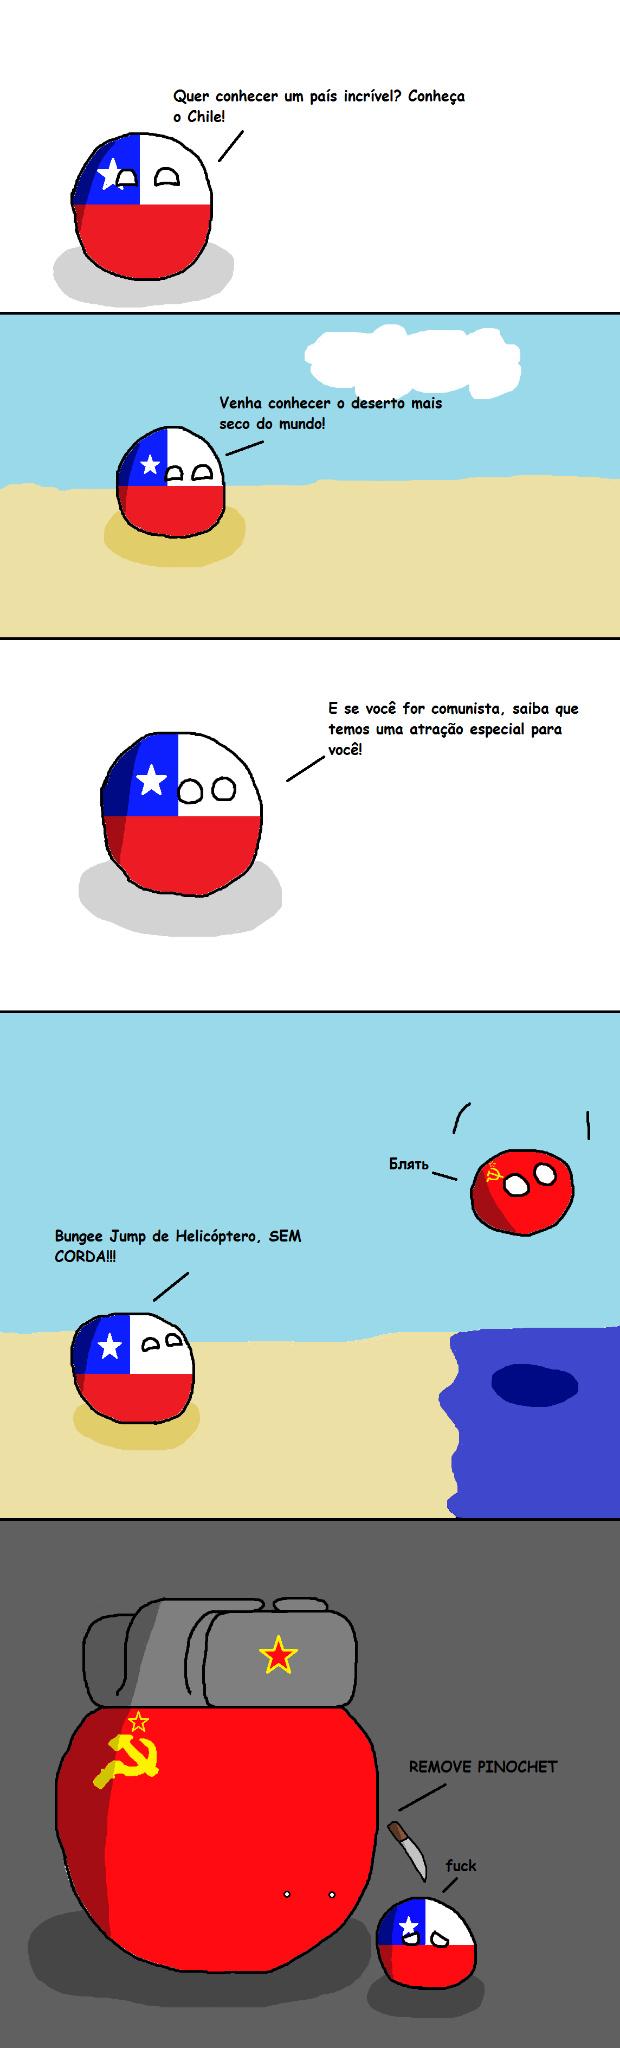 Chile e os comunistas - meme